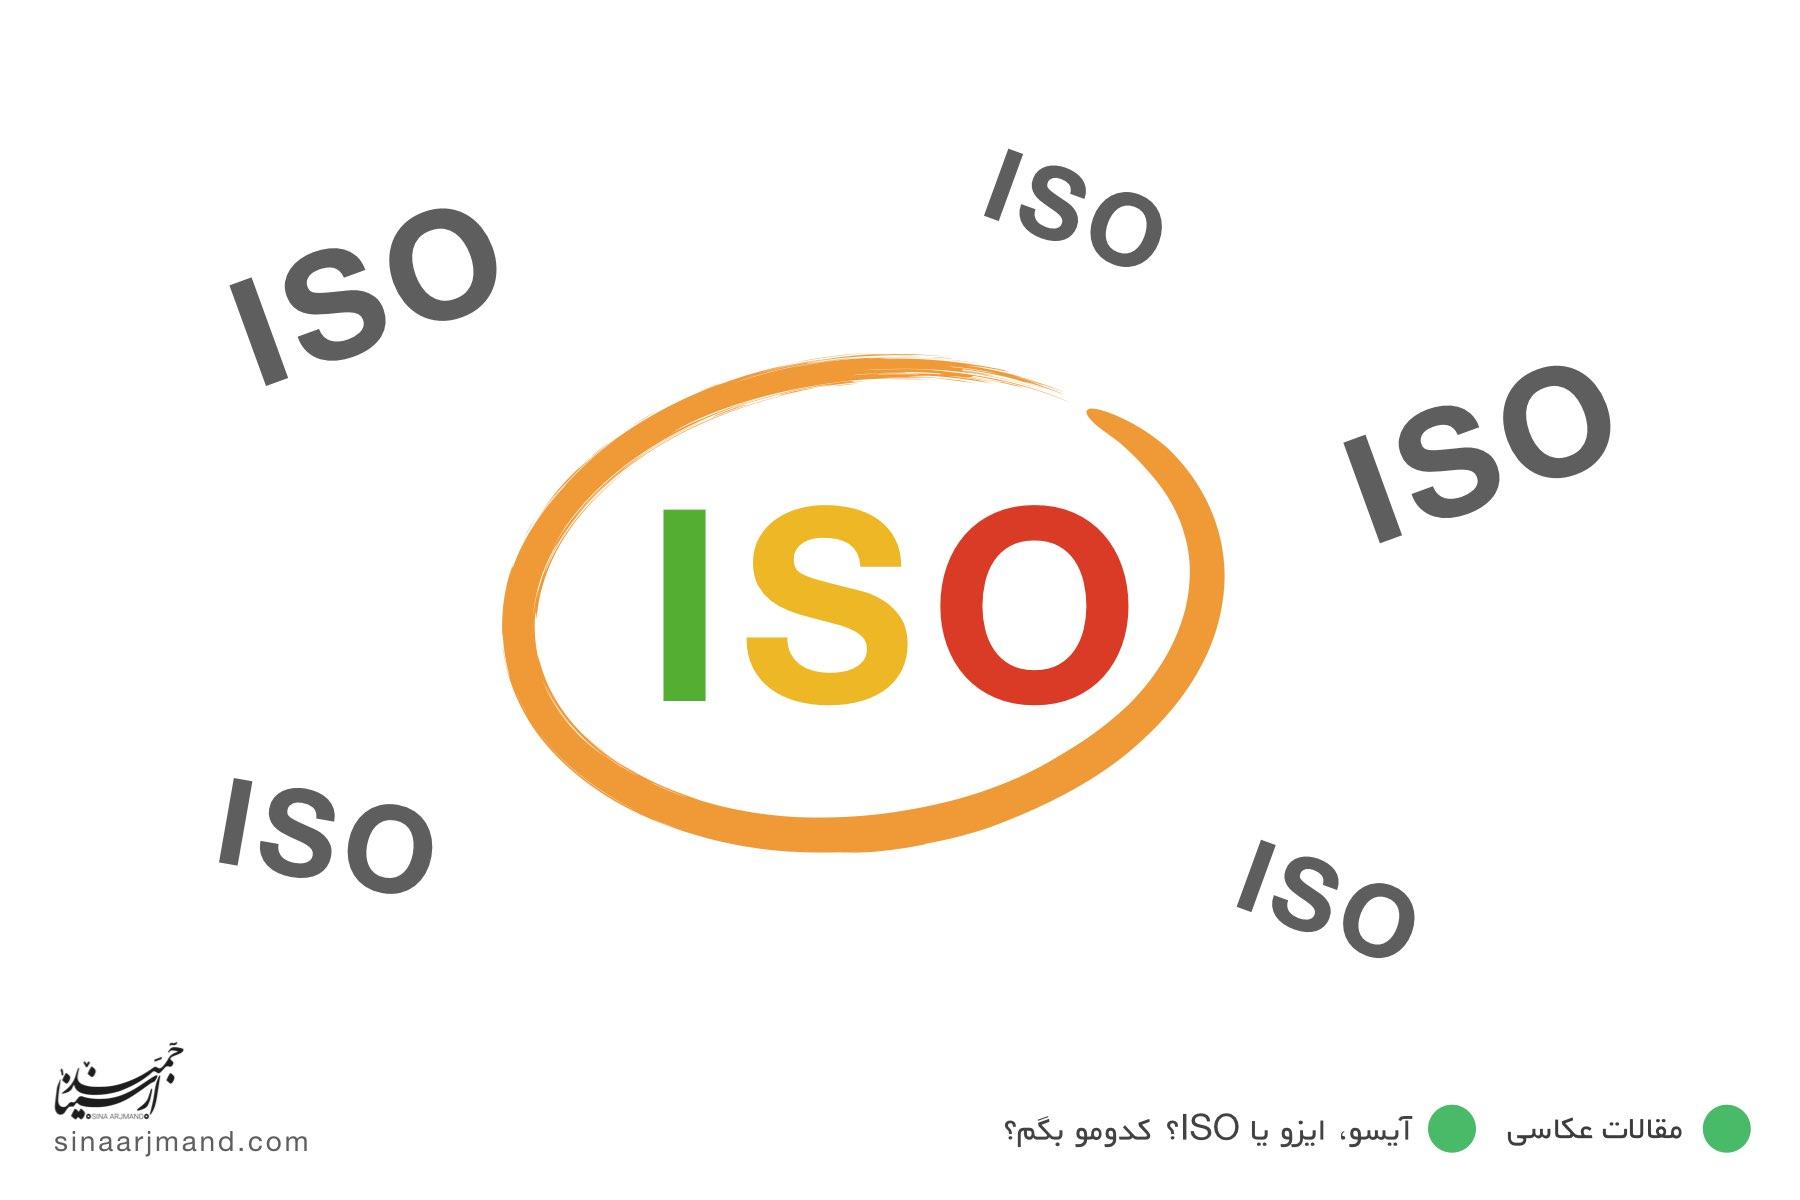 آیسو، ایزو یا ISO ؟ کدومو بگم؟